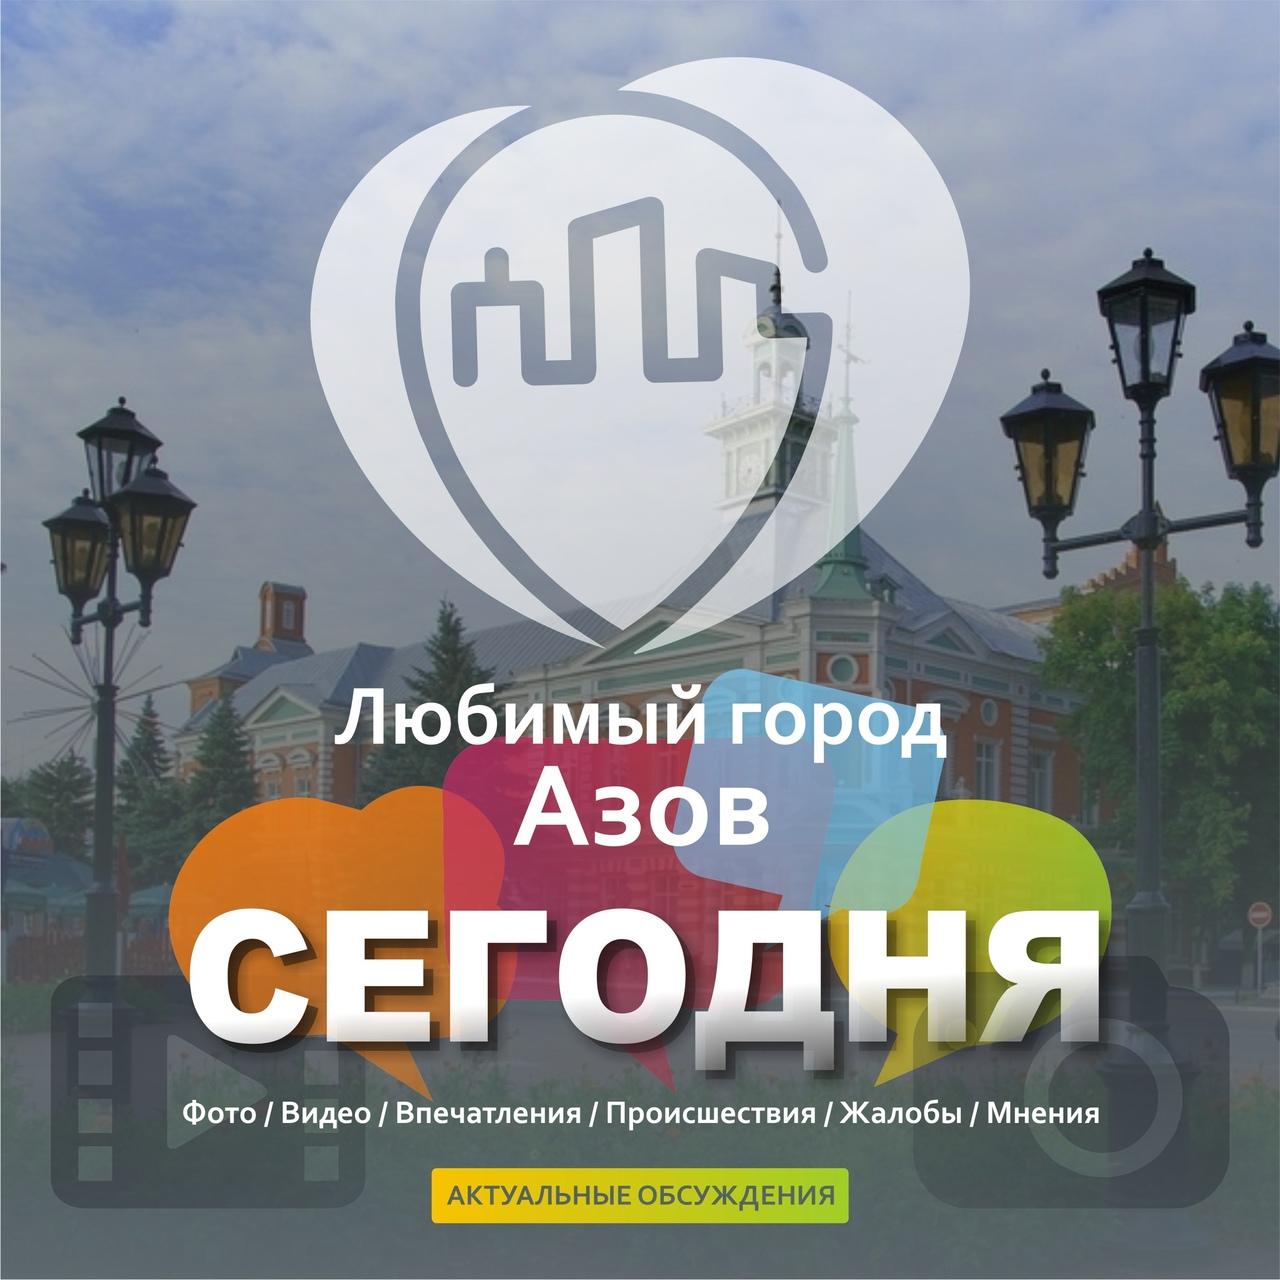 Уважаемые азовчане и жители Азовского района!